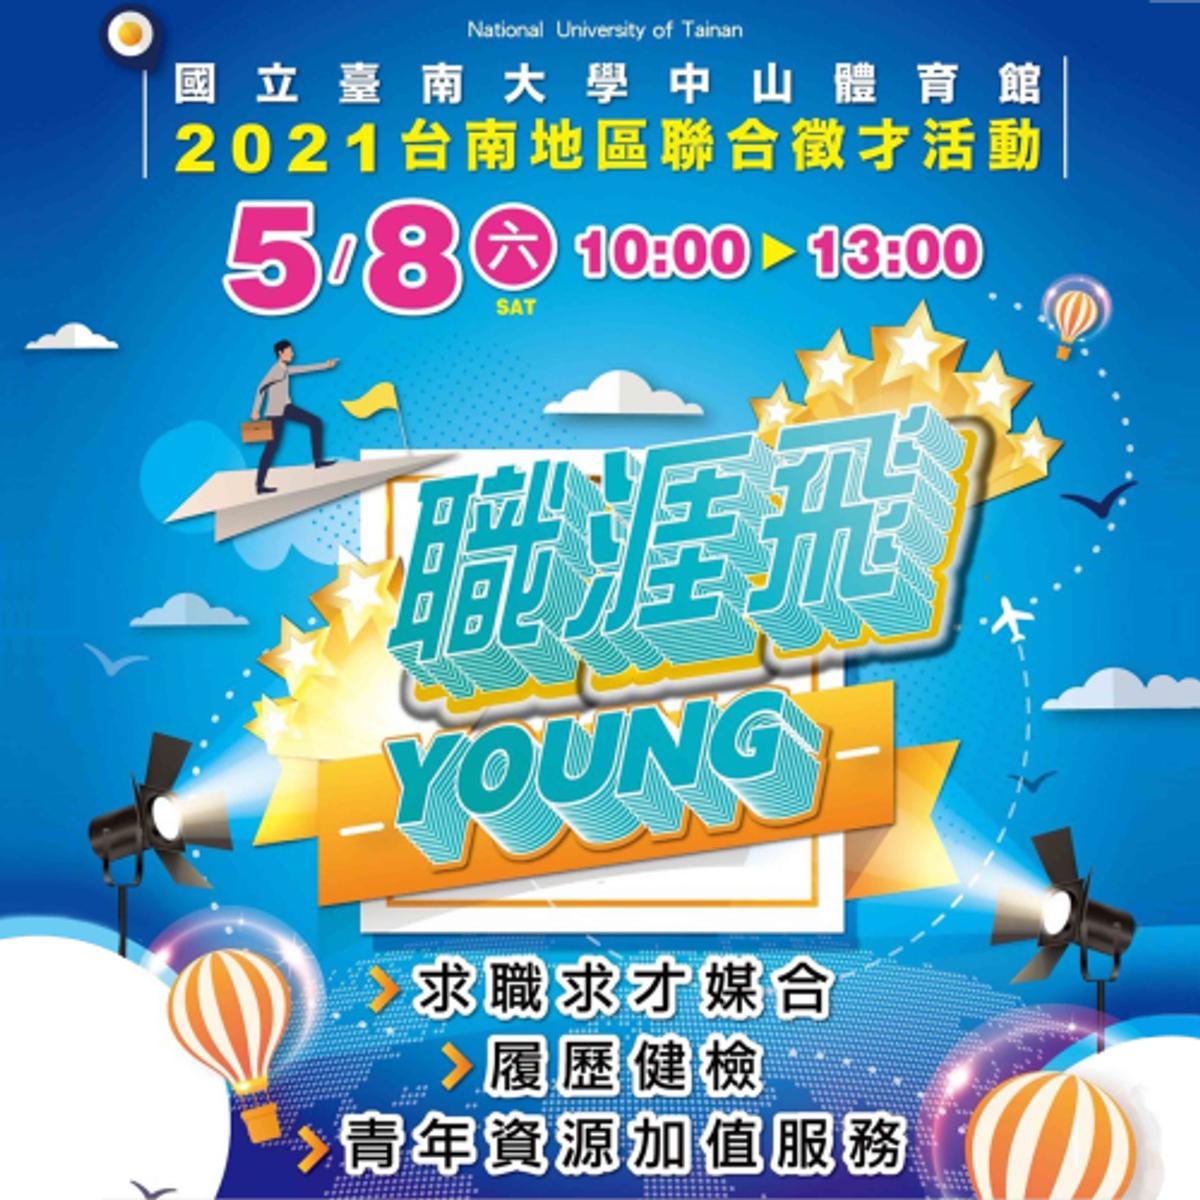 110/5/8「職涯飛young」2021臺南地區大型聯合徵才活動 - 找工作 - 求才令